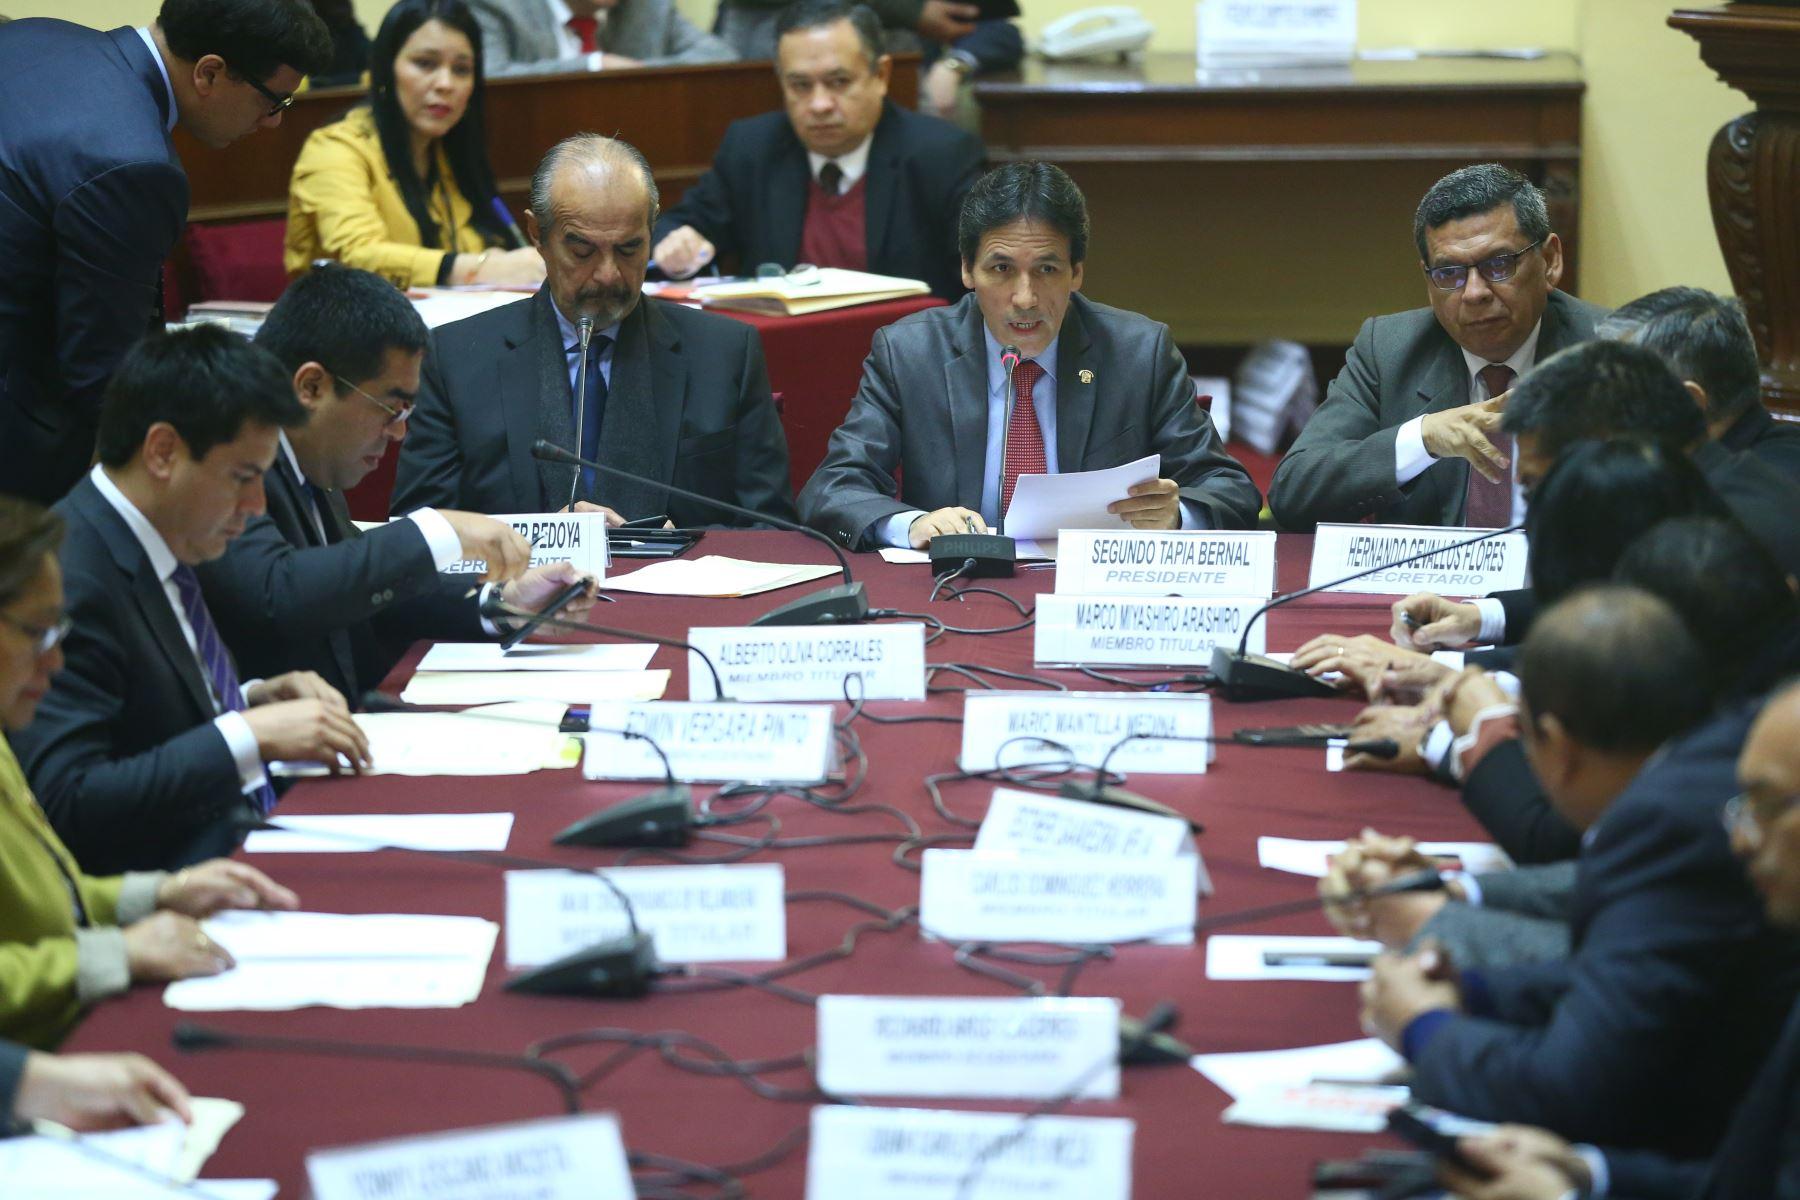 Instalación de la Comisión de Fiscalización,  cuya presidencia recae en el congresista Segundo Tapia. Foto: ANDINA/Melina Mejía